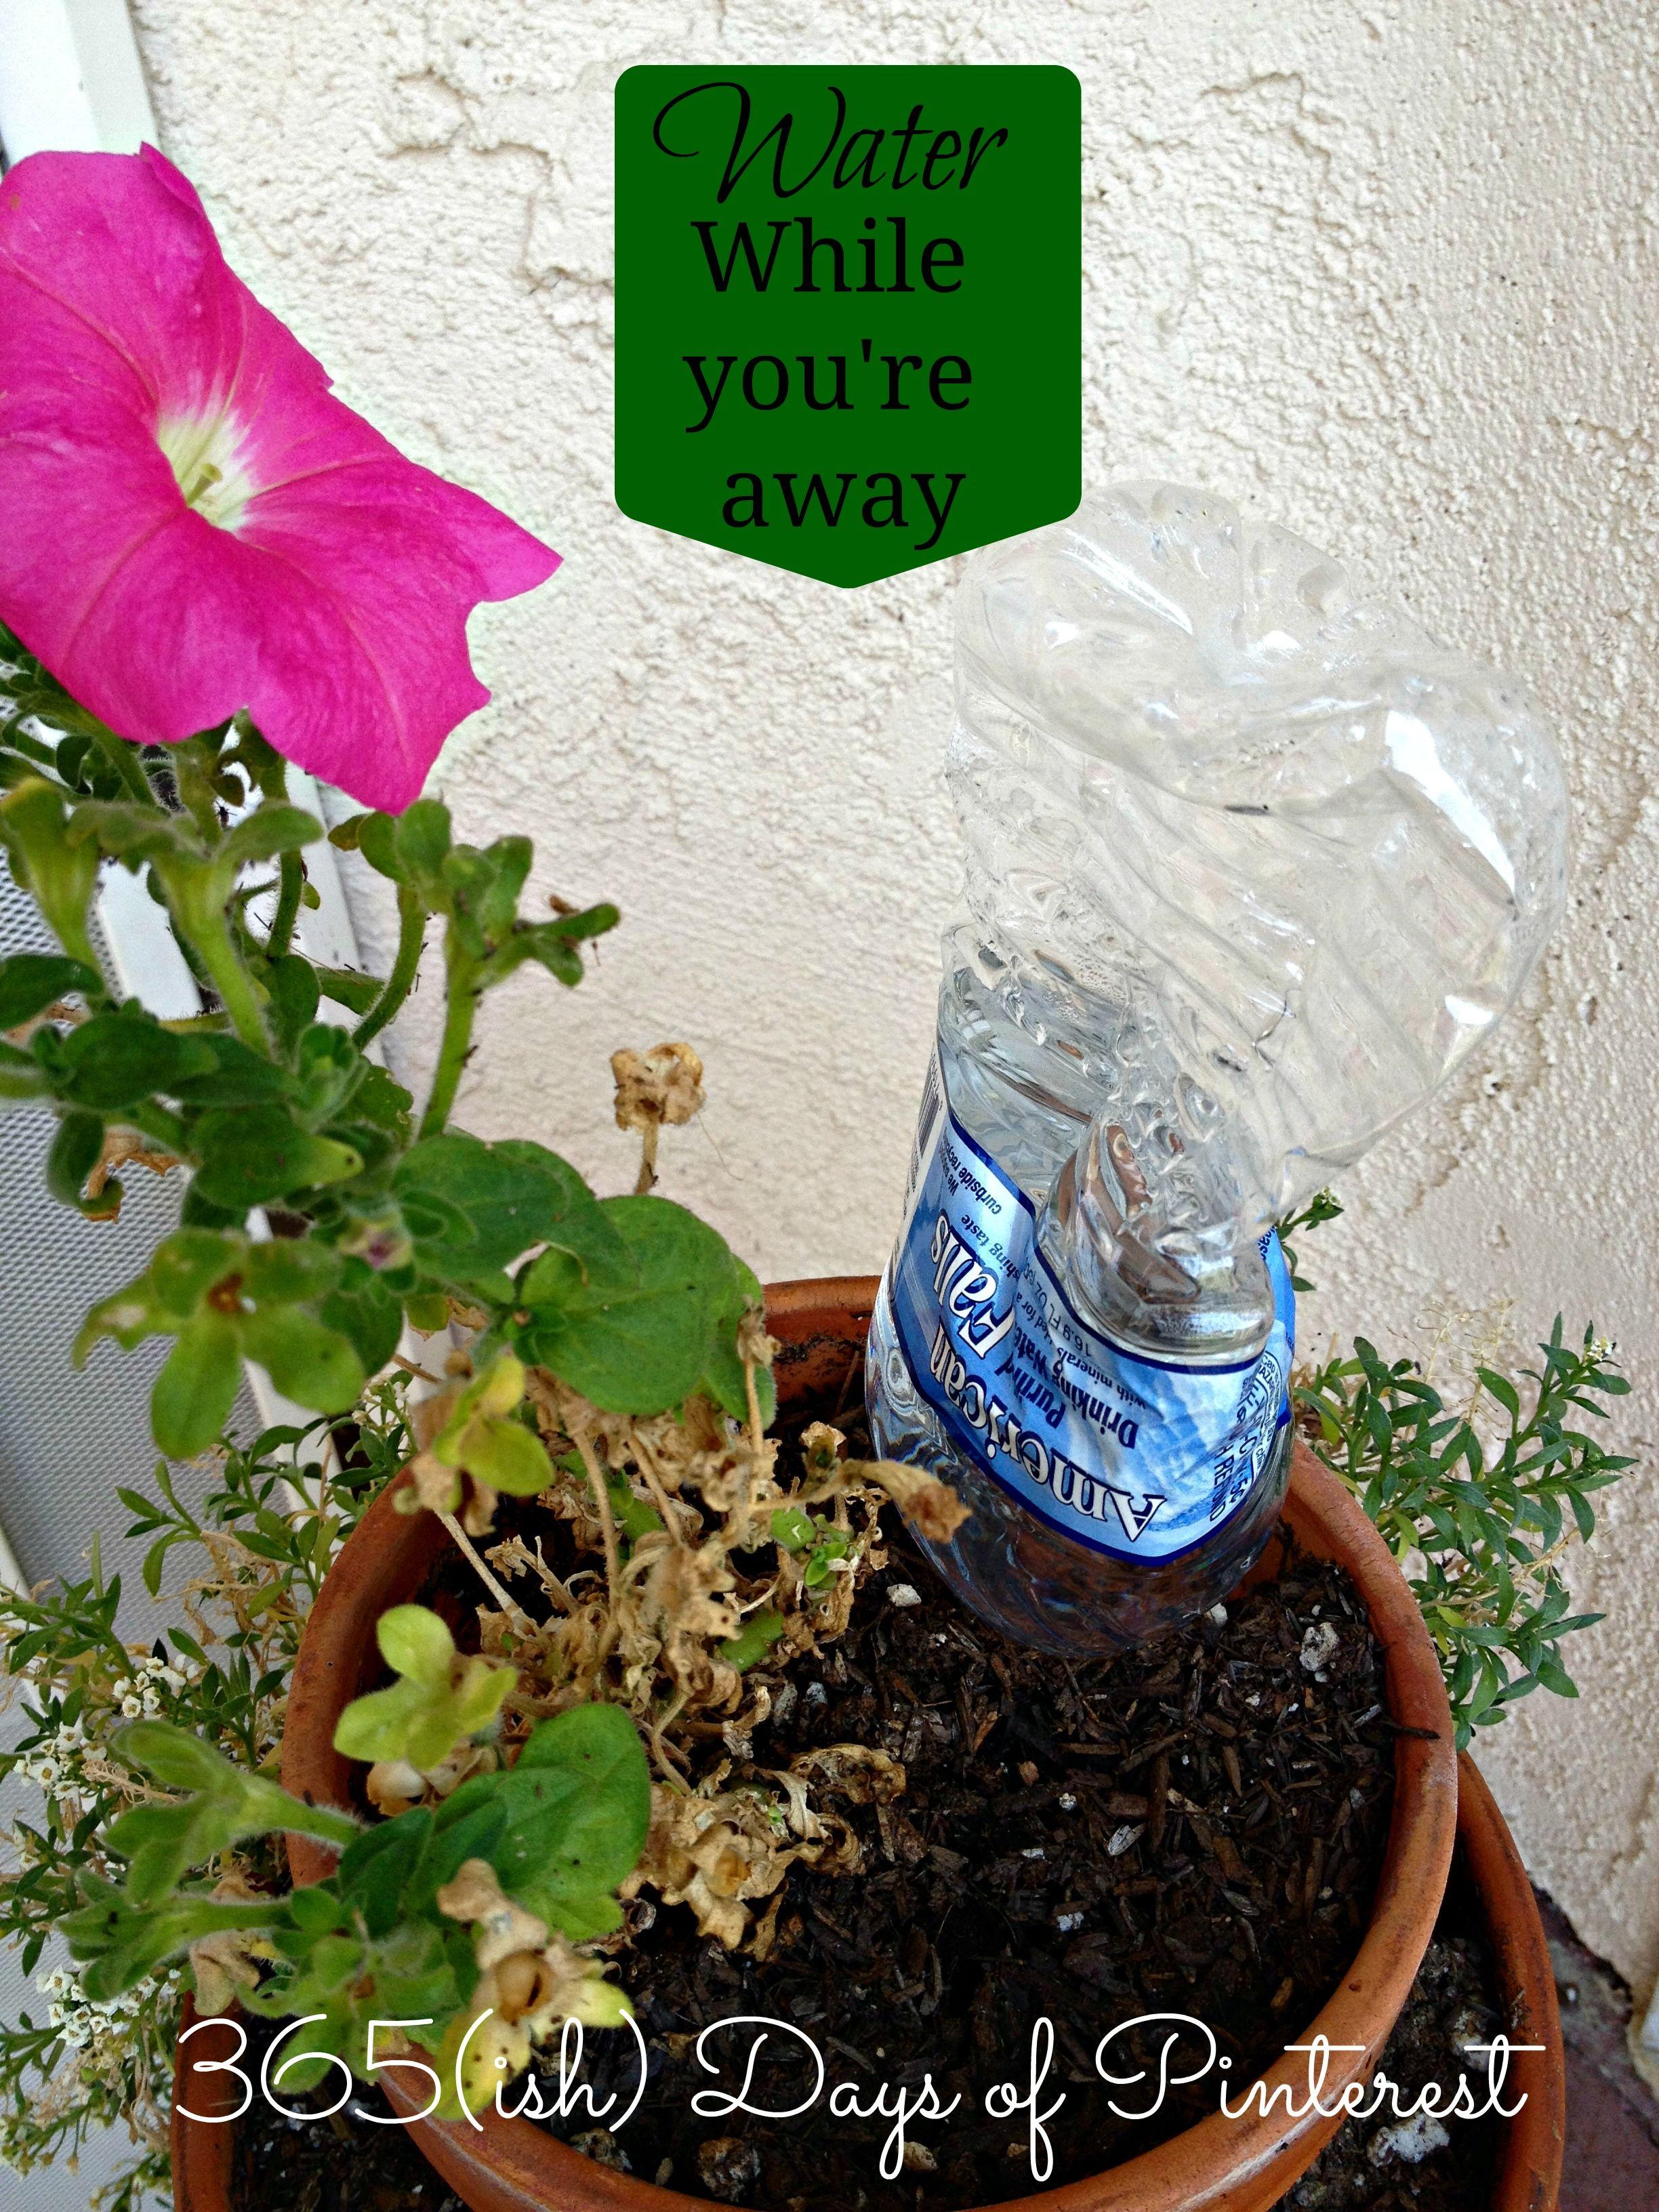 water plants   Water plants, Plants in bottles, Self watering plants